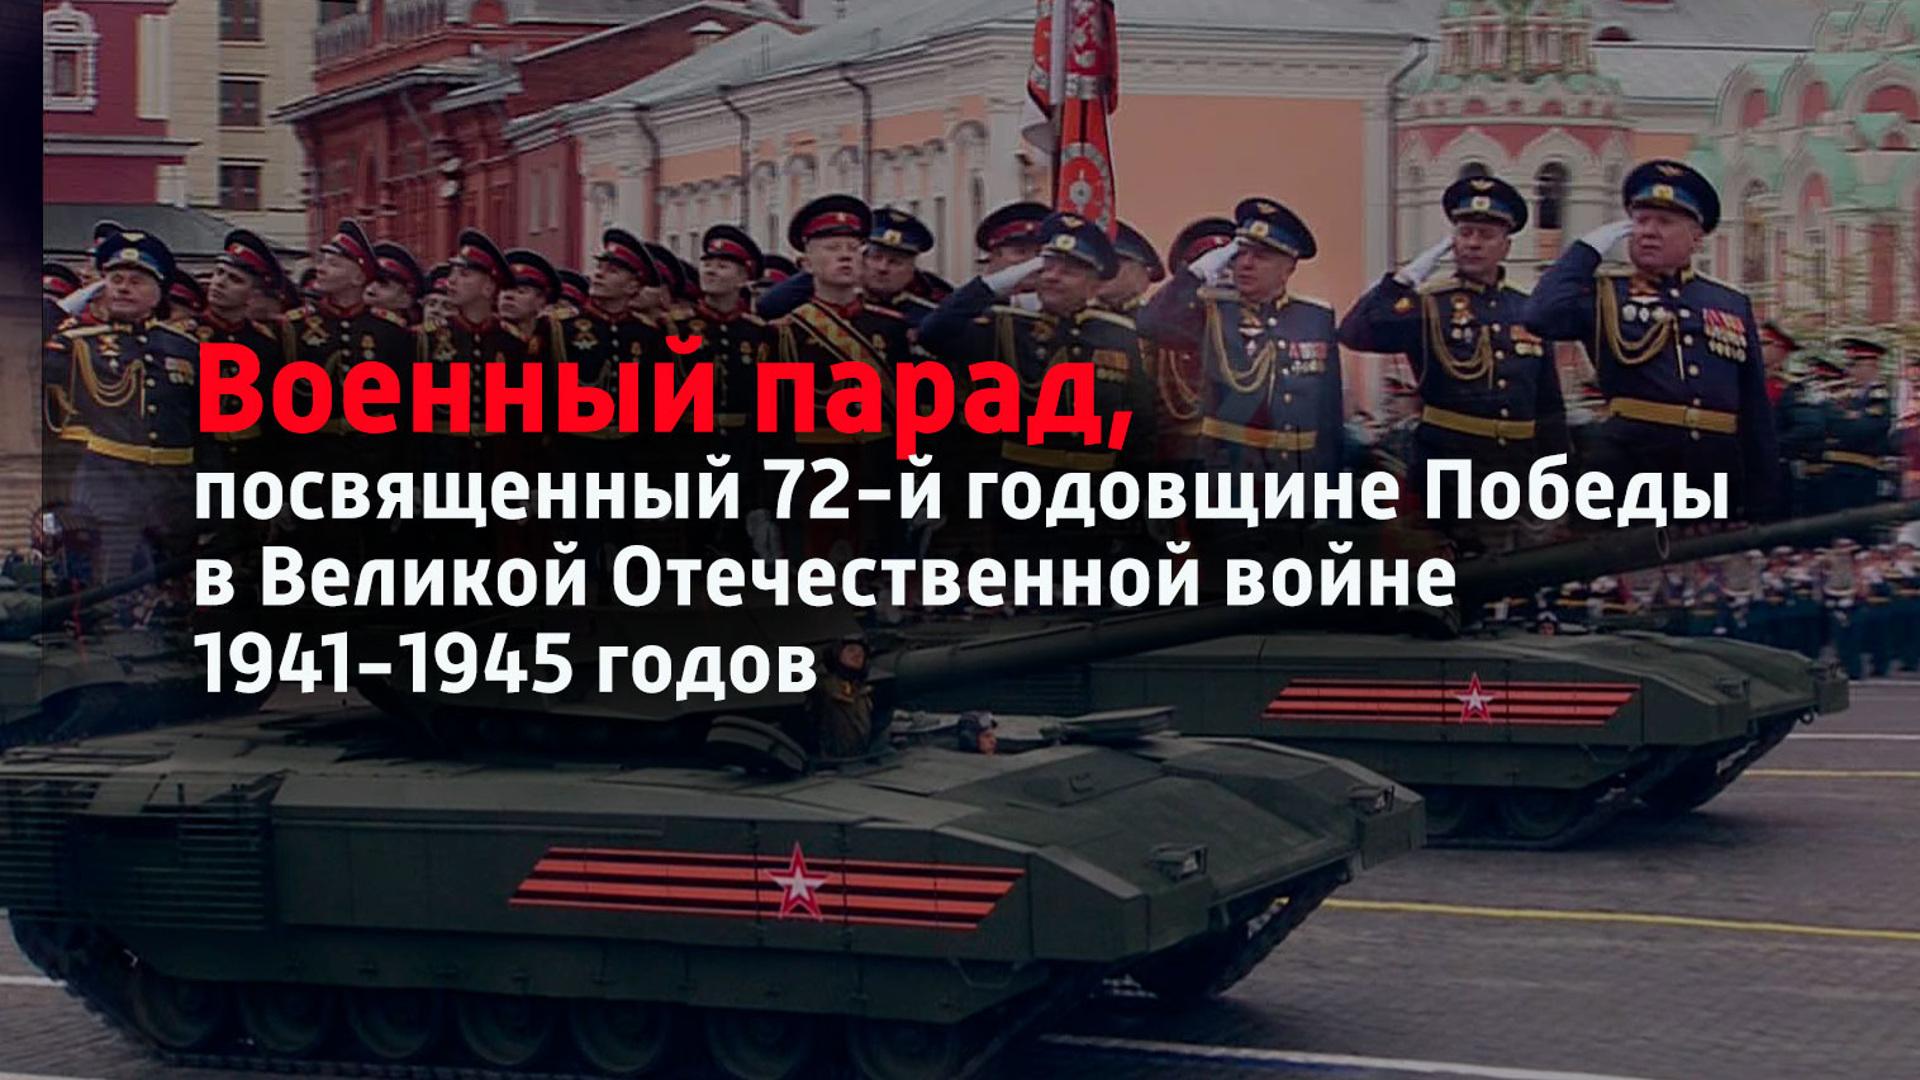 Военный парад, посвященный 72-й годовщине Победы в Великой Отечественной войне 1941-1945 годов